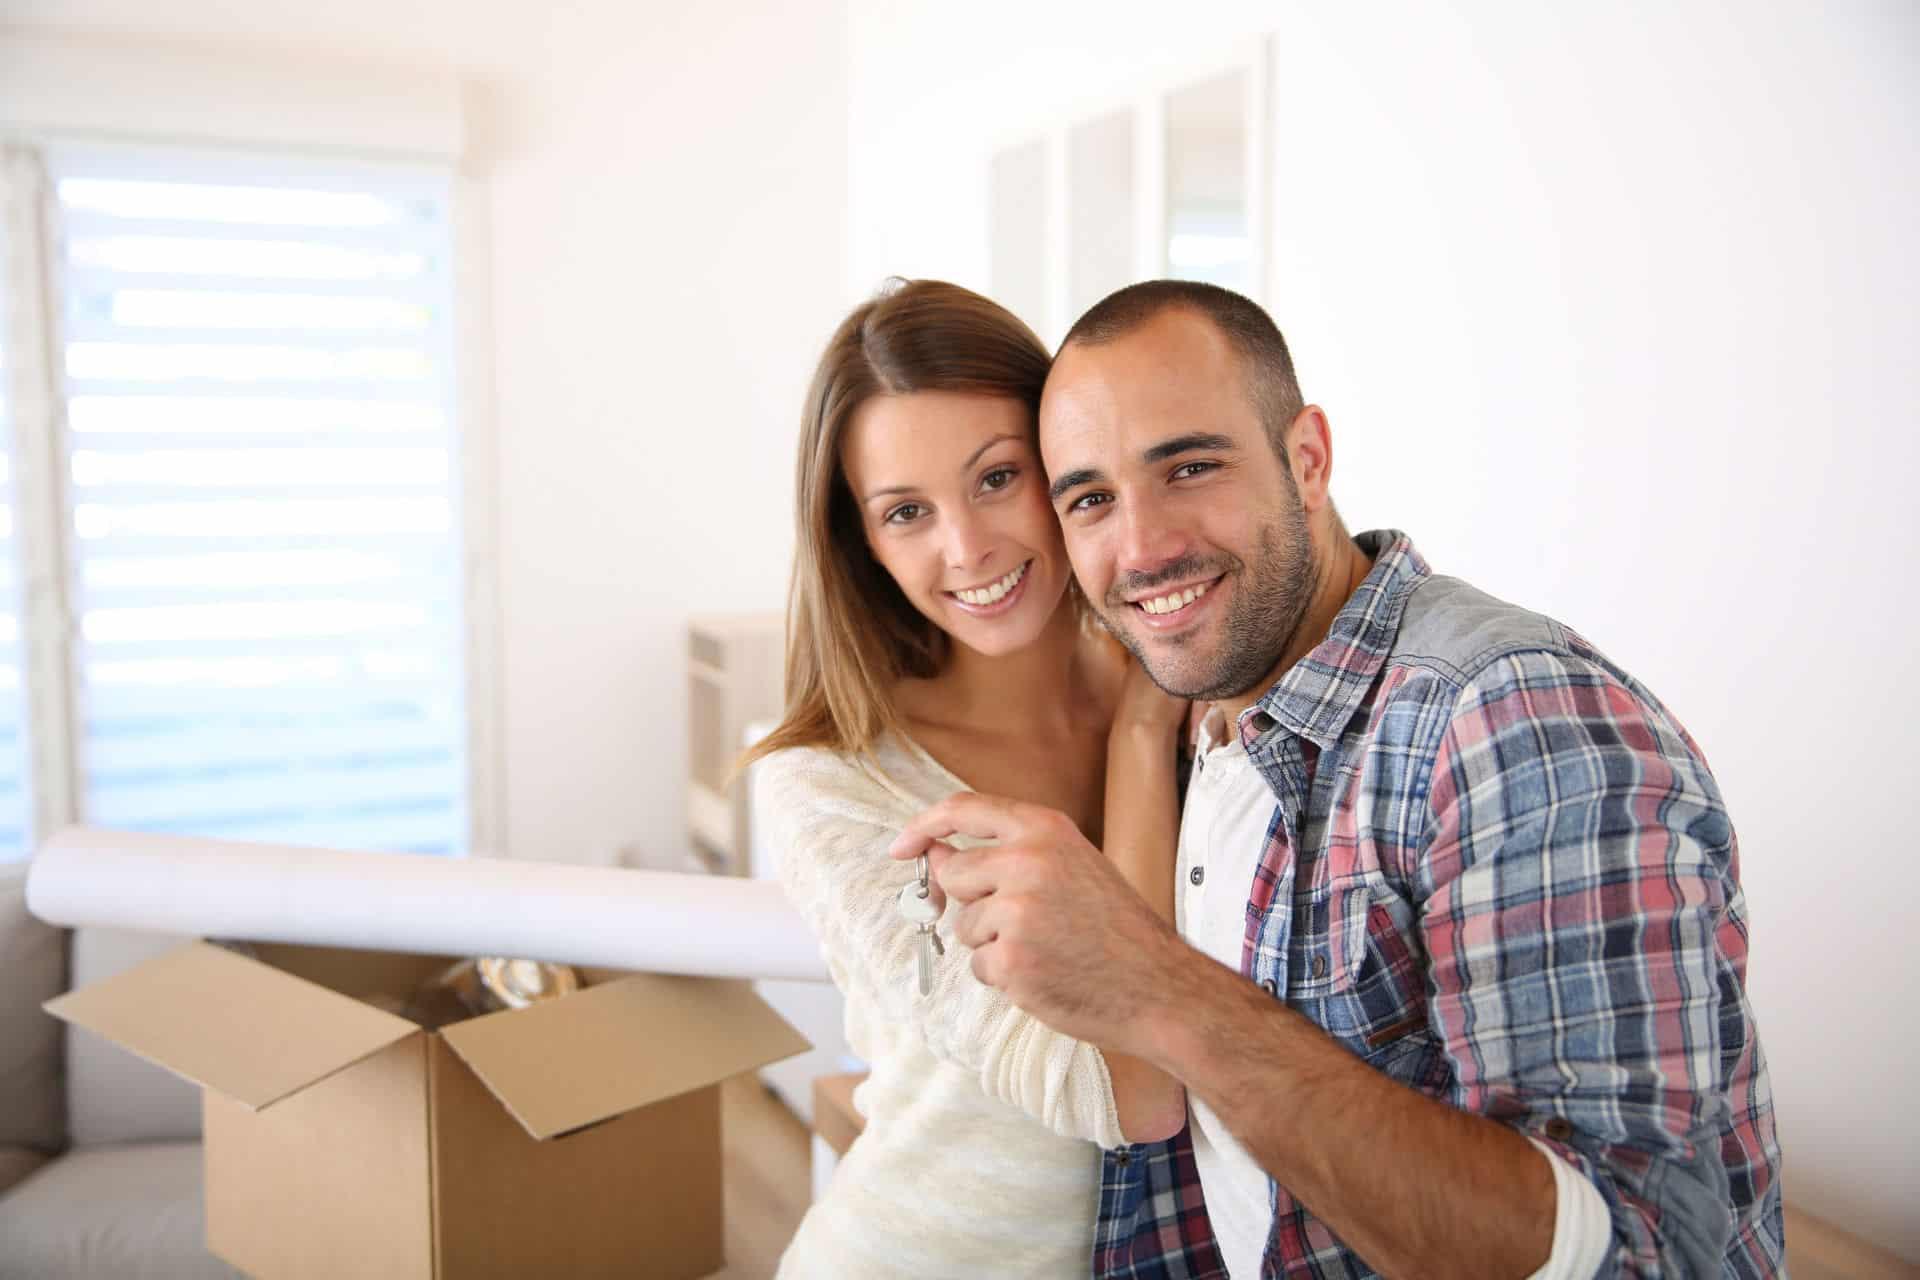 Hoe koop je zelf een huis 2